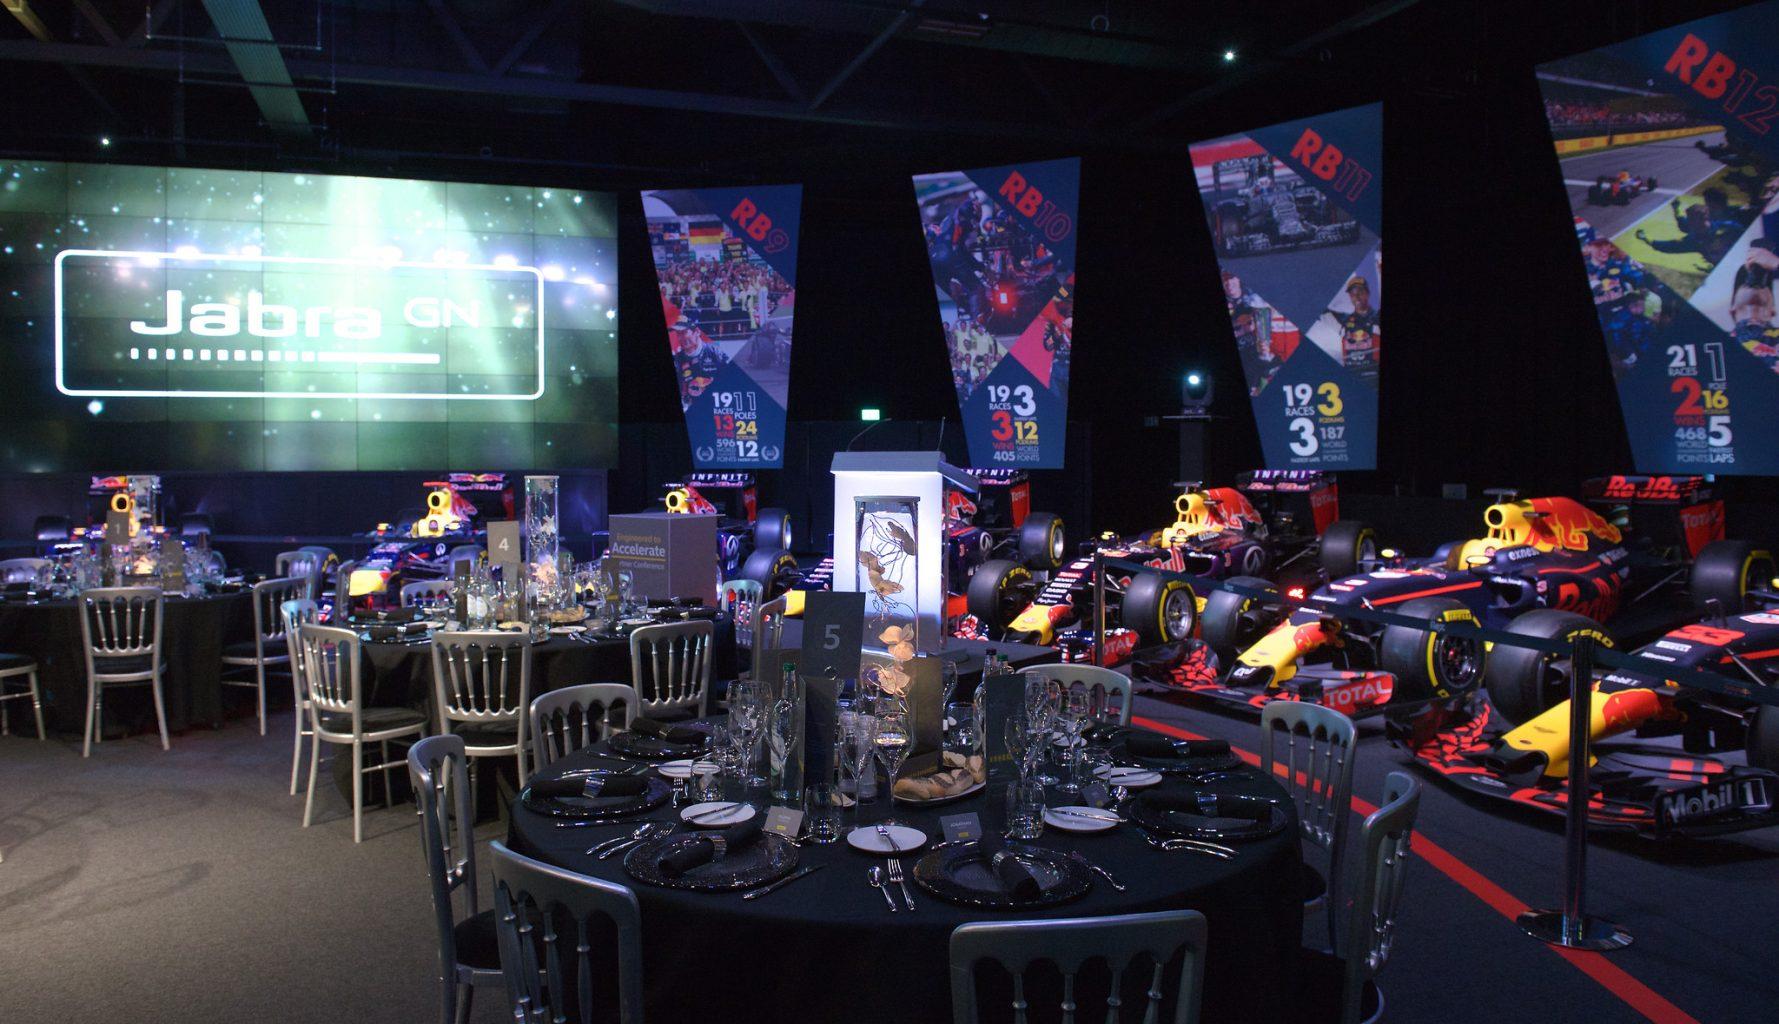 i 9dRJsVT X4 - UK&I Channel Partner Conference & Awards Dinner